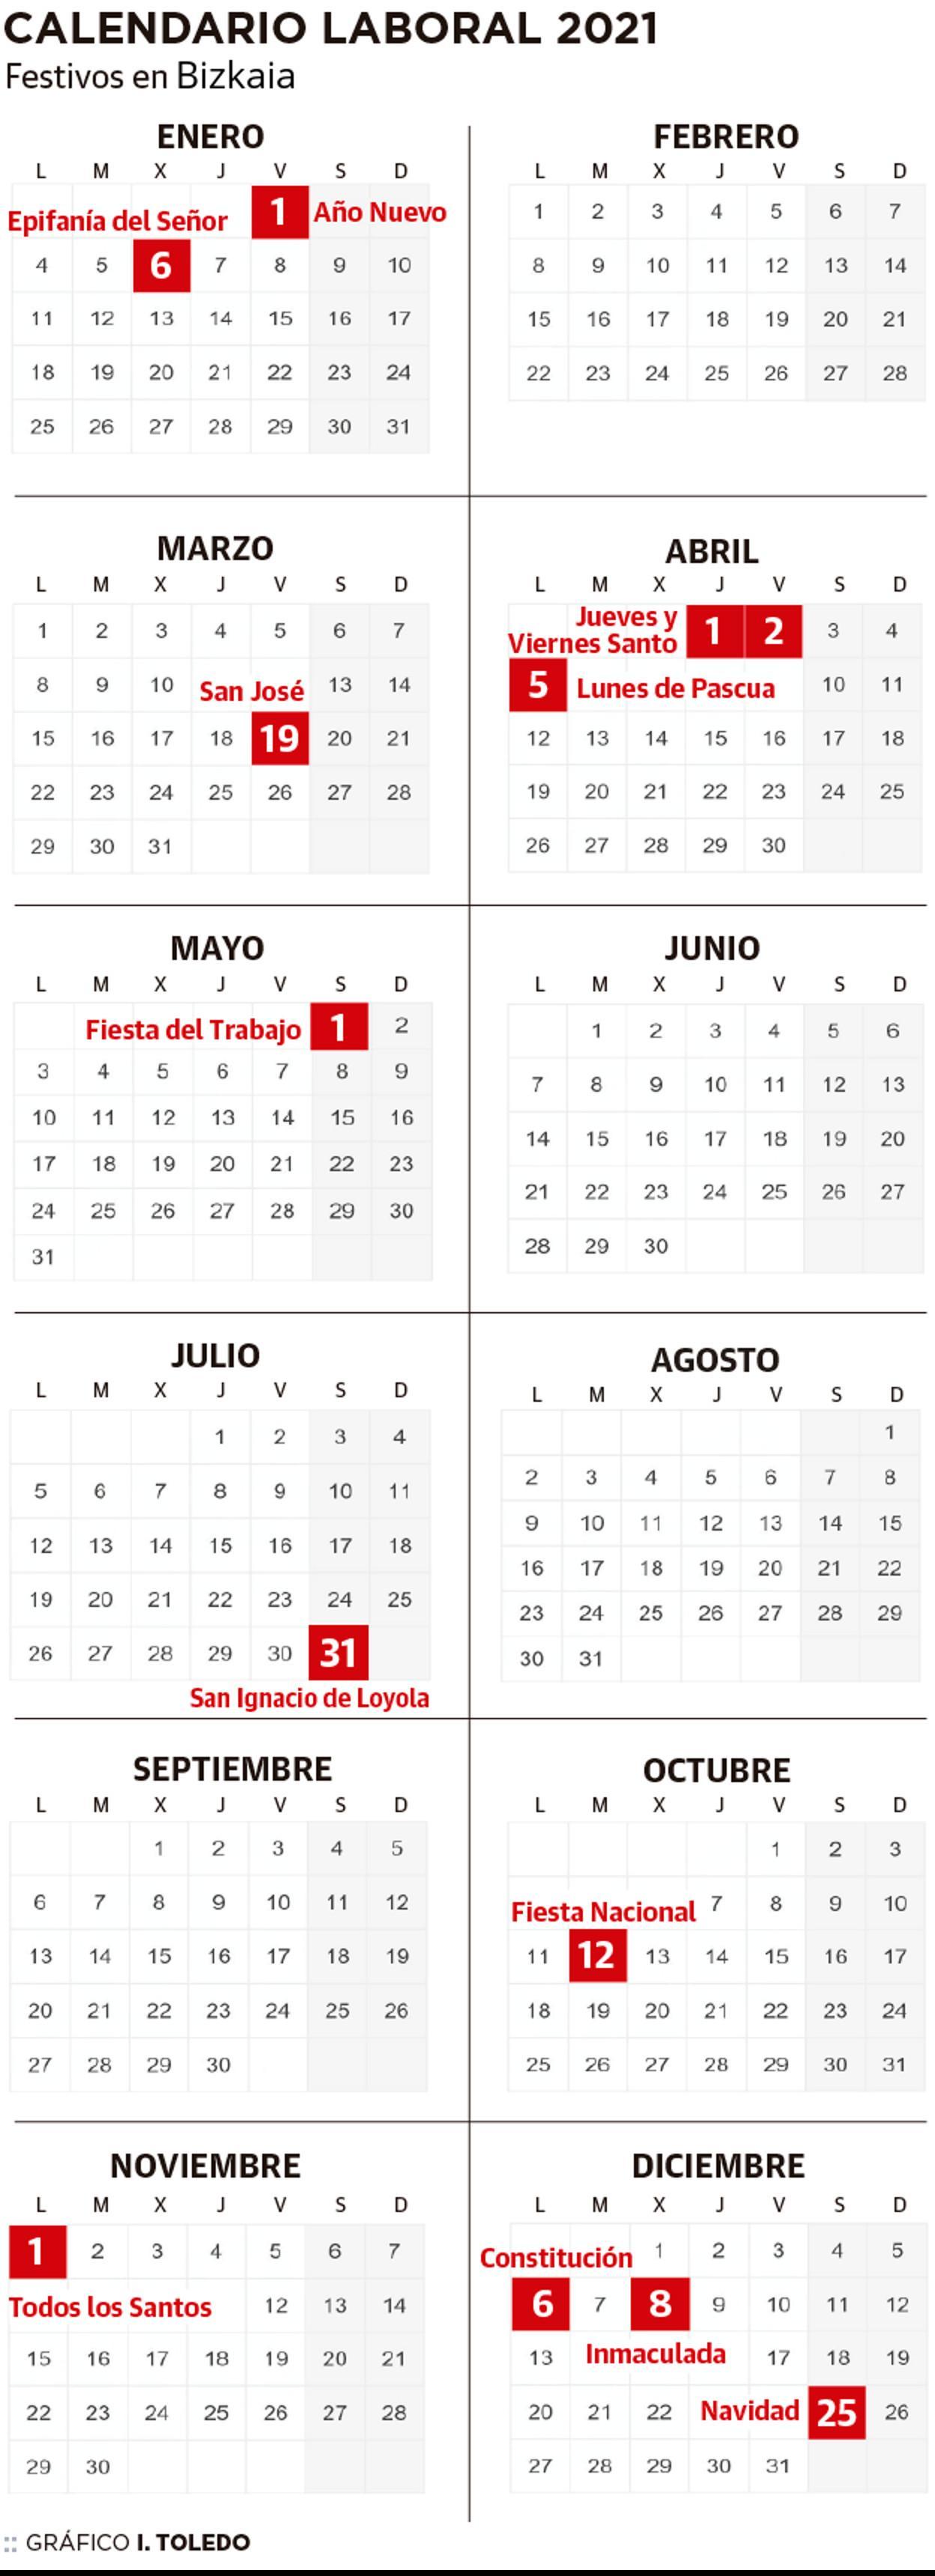 Calendario Laboral De Bizkaia 2021 El Correo